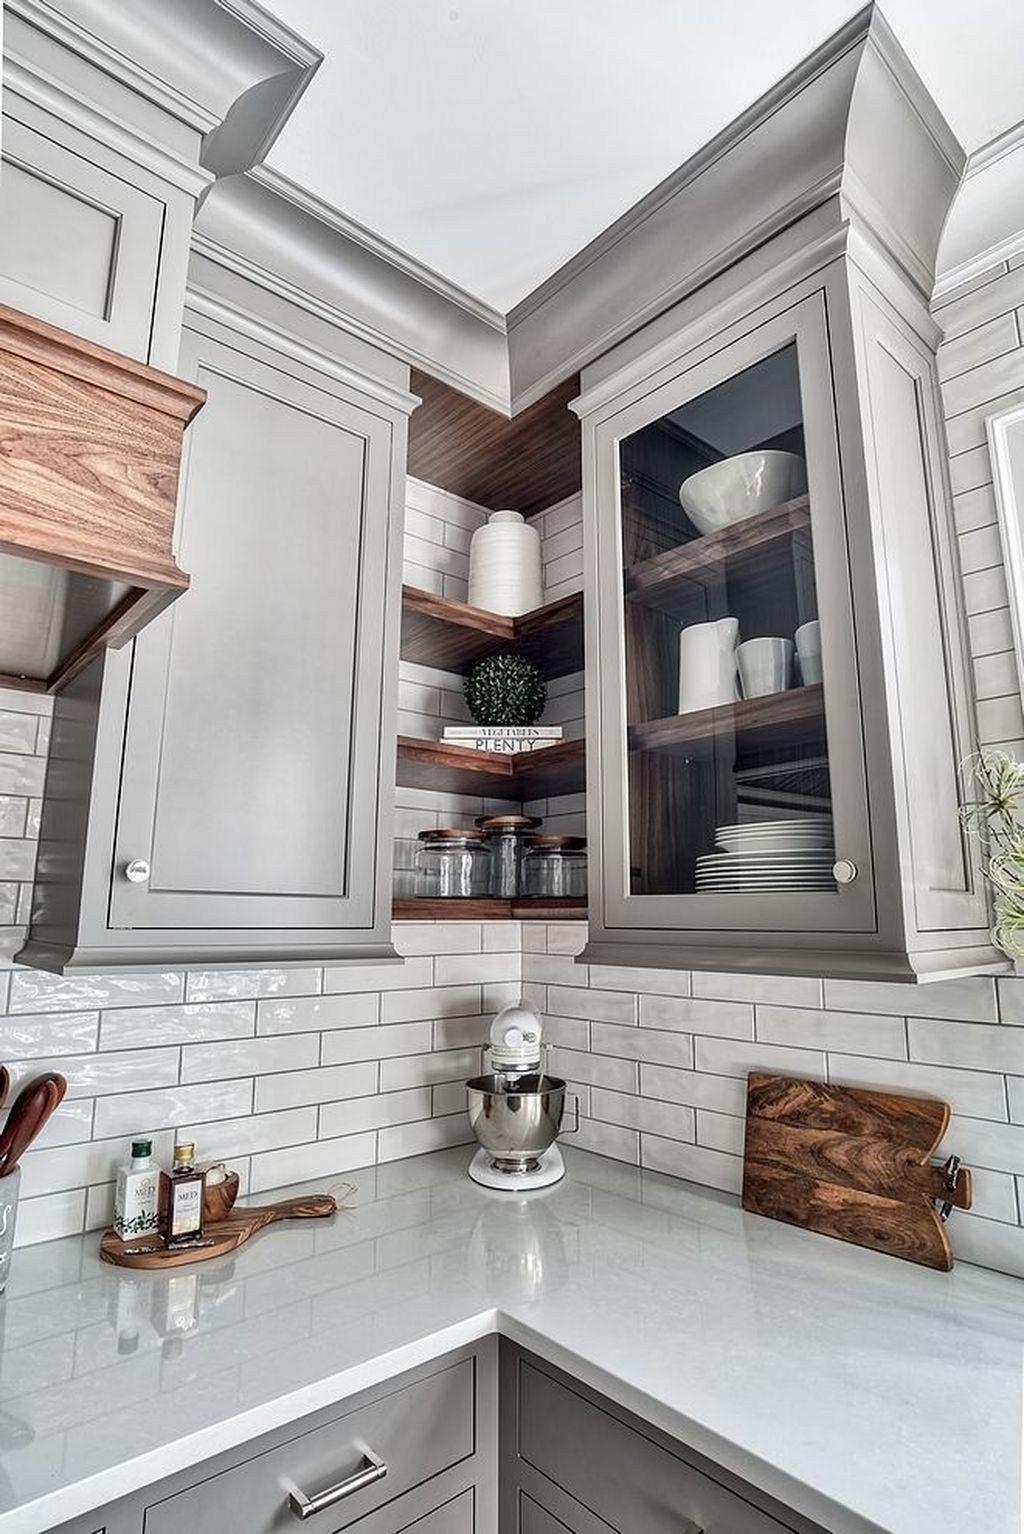 43 The Best Ideas For Neutral Kitchen Design Ideas #kitchendesignideas